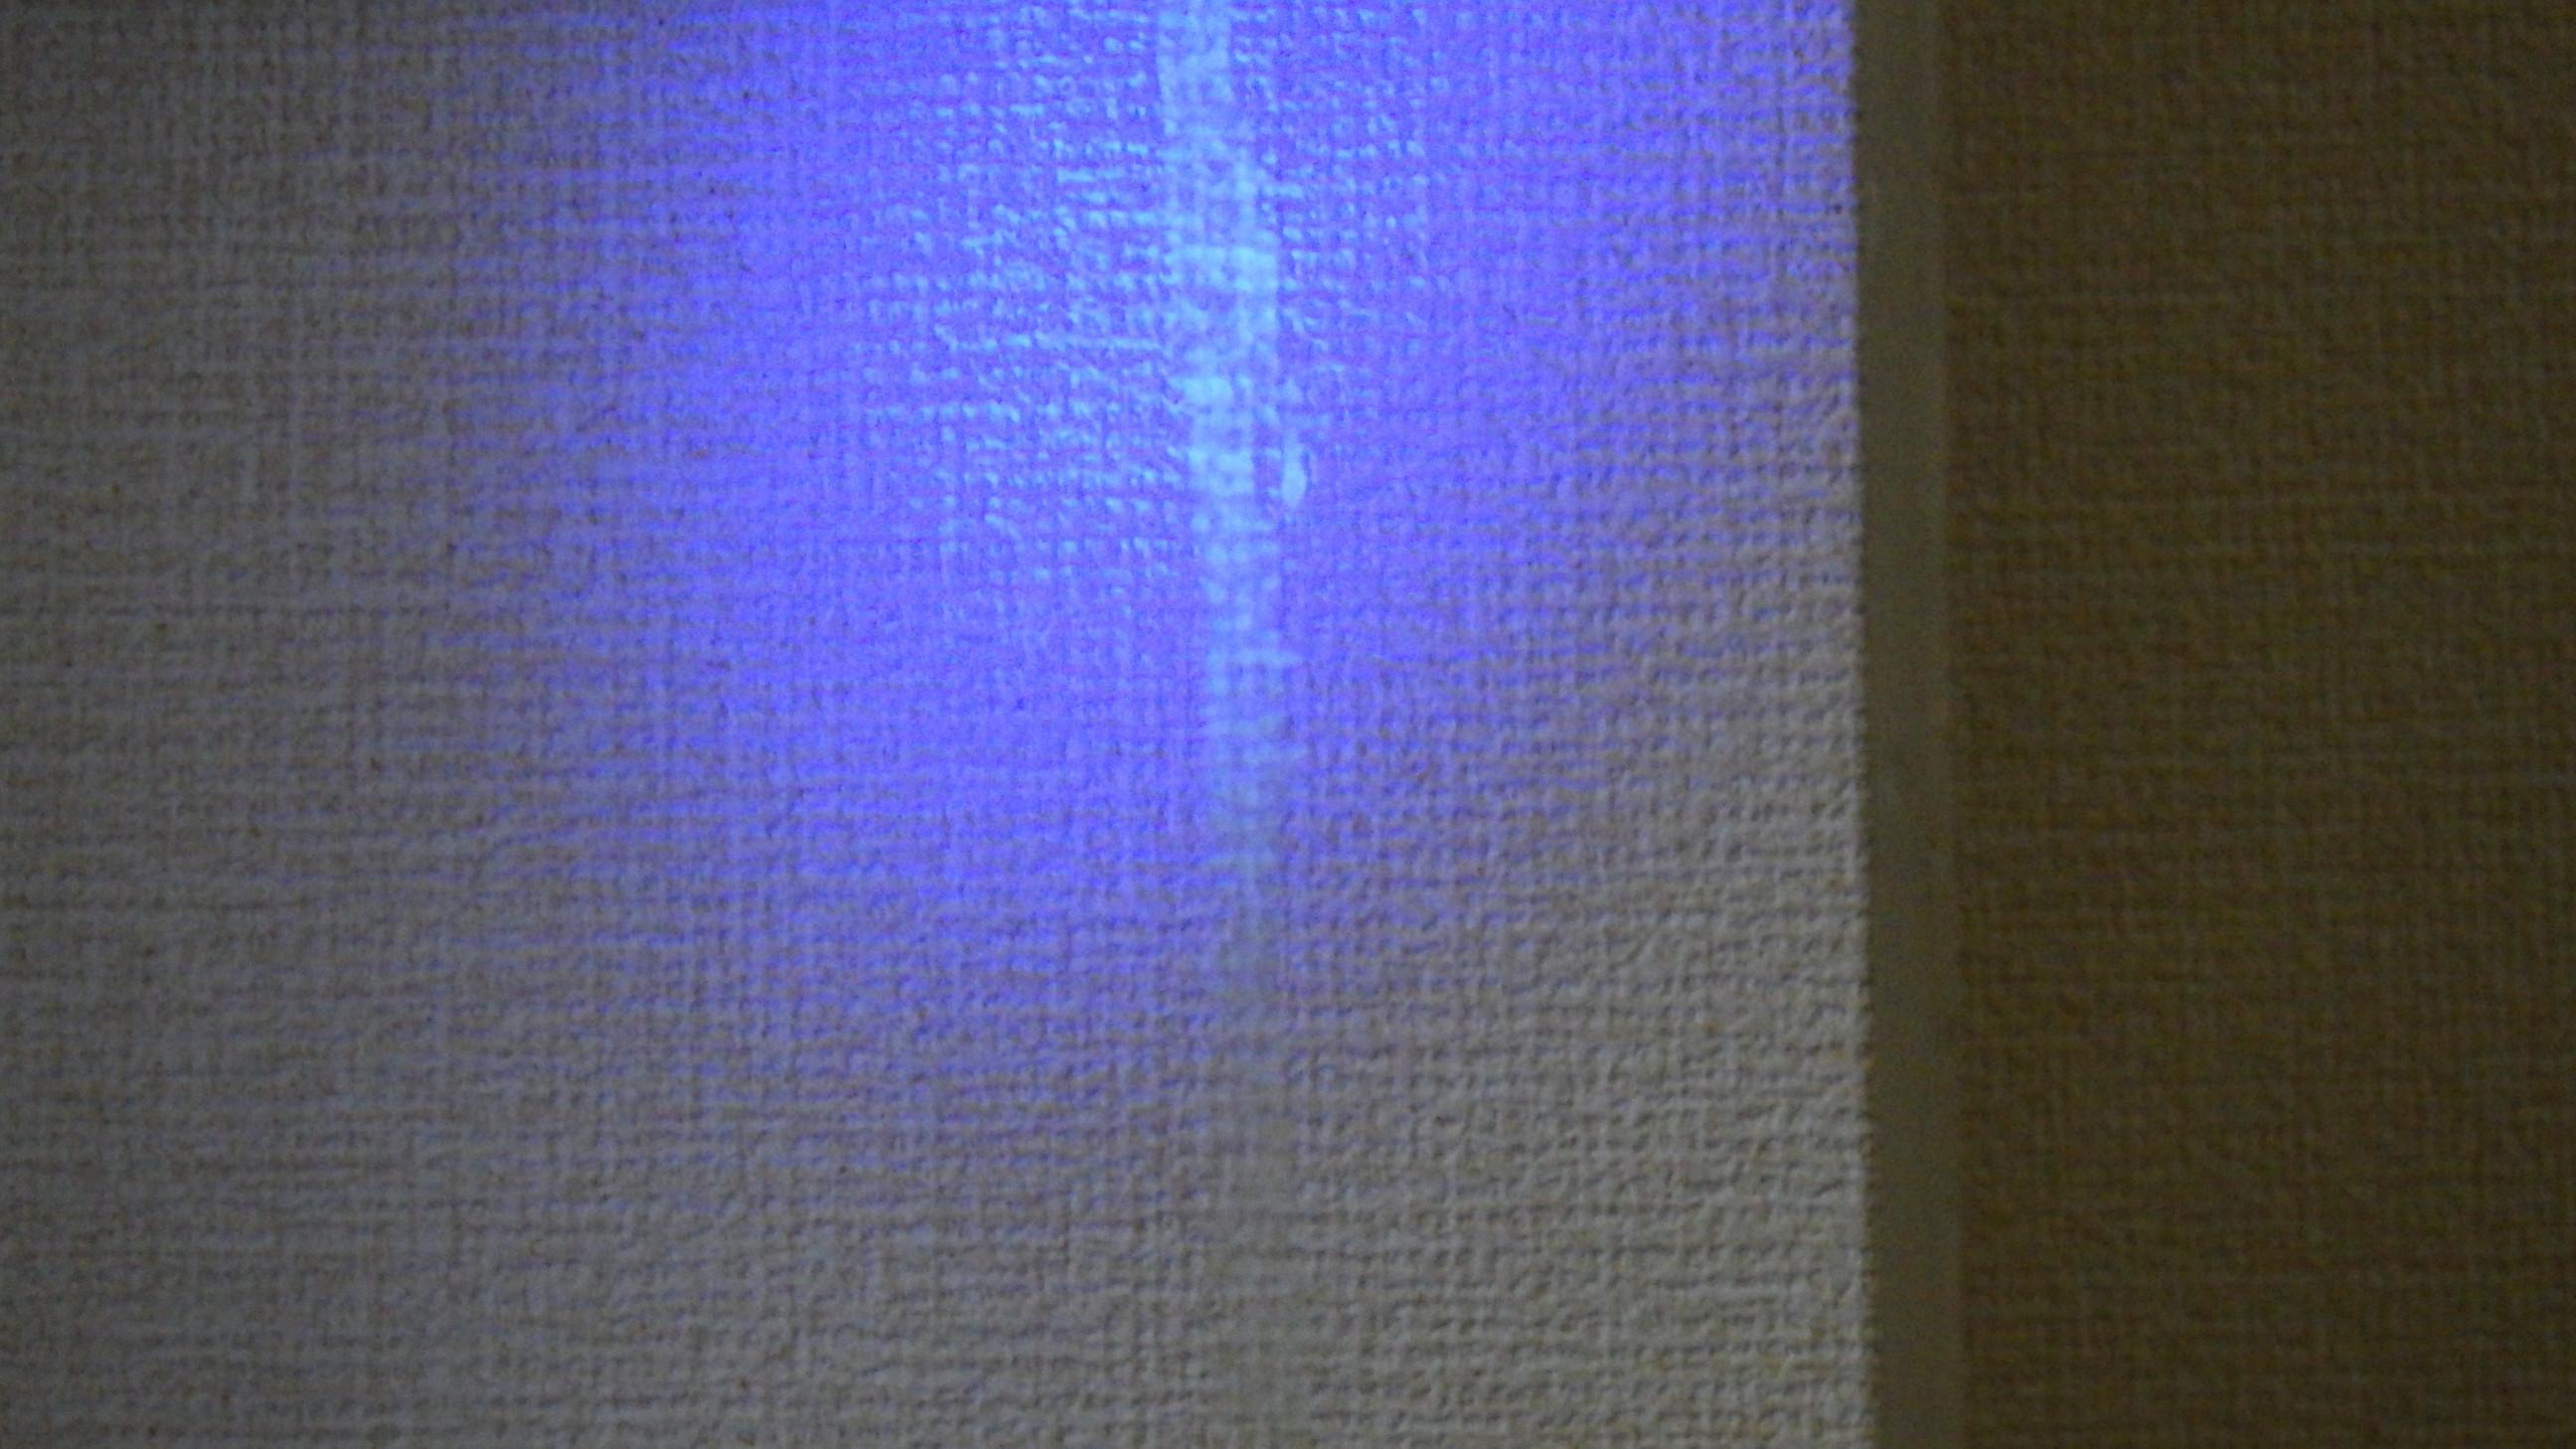 三島市 雨漏り診断調査画像1